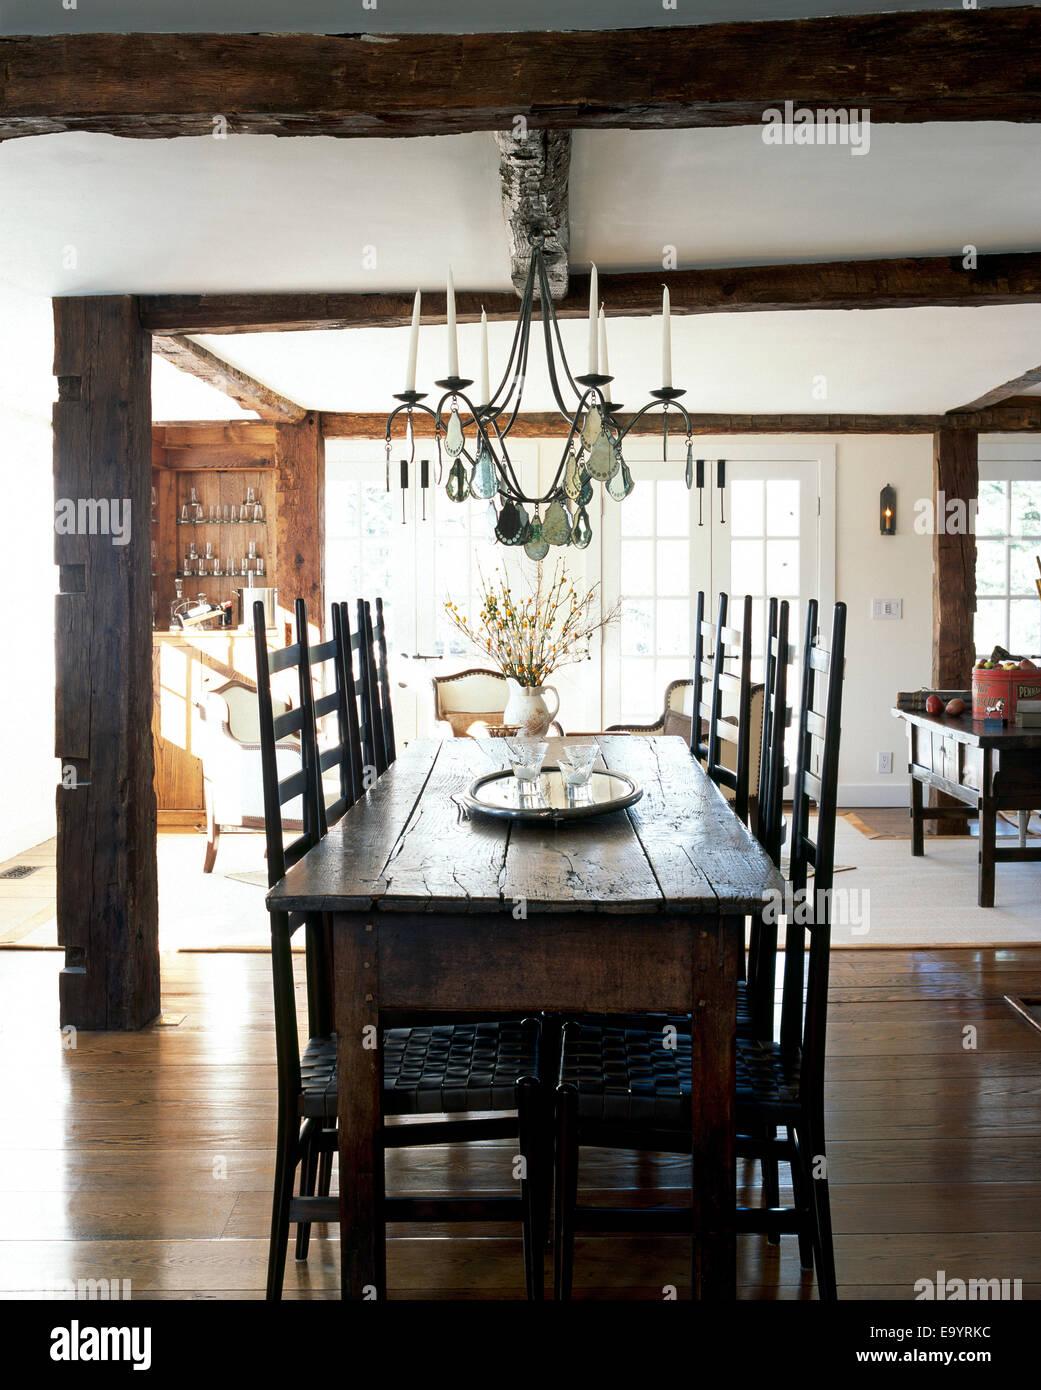 Mesa de comedor y sillas en los hogares Imagen De Stock